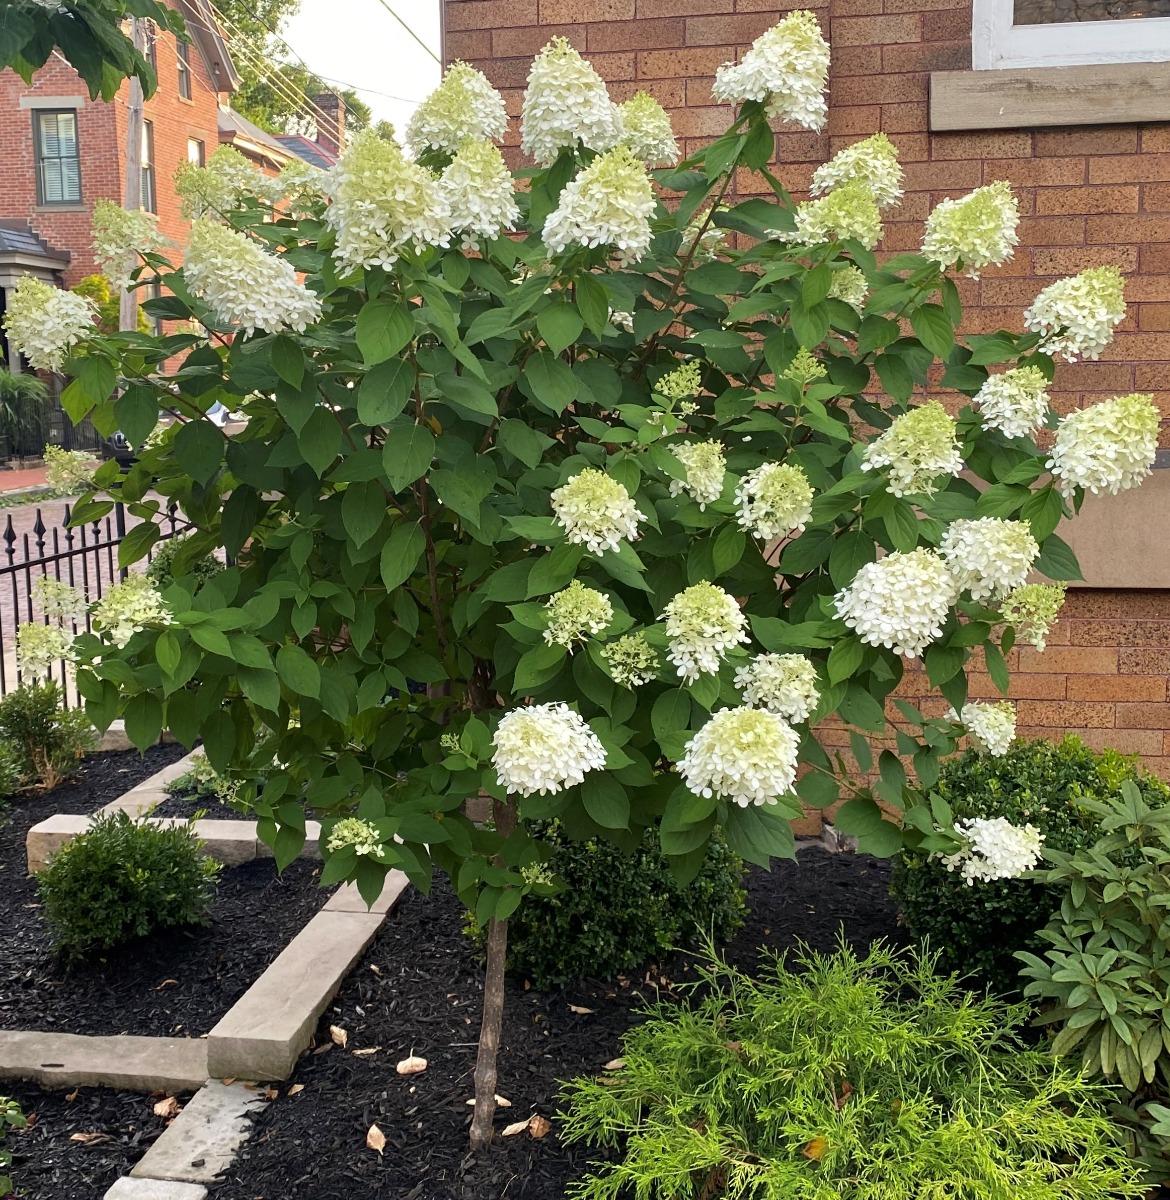 Limelight Hydrangea Tree Form in garden